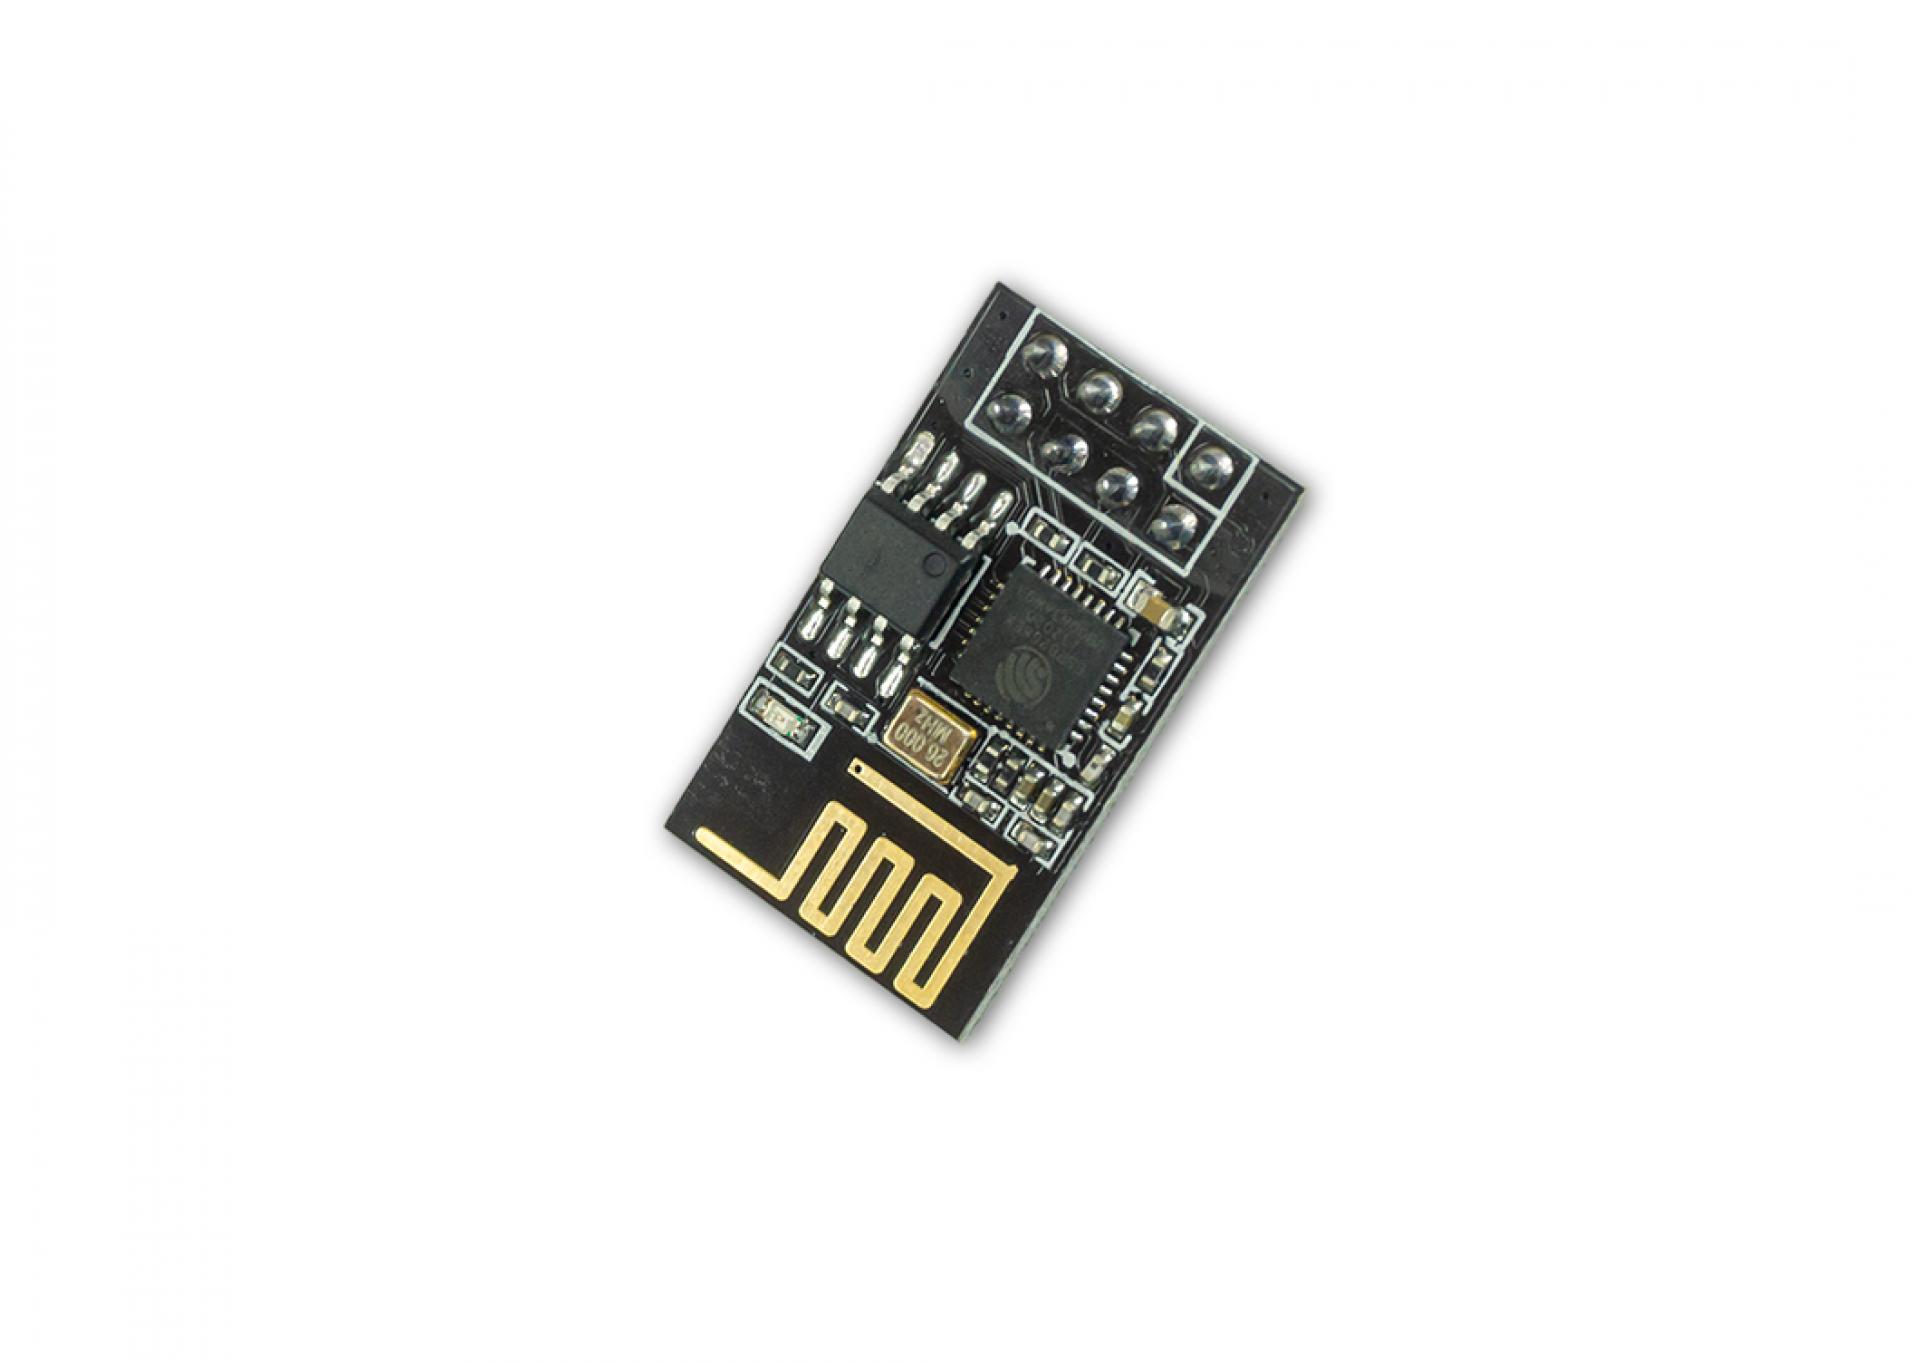 ESP01-S makesmart.shop